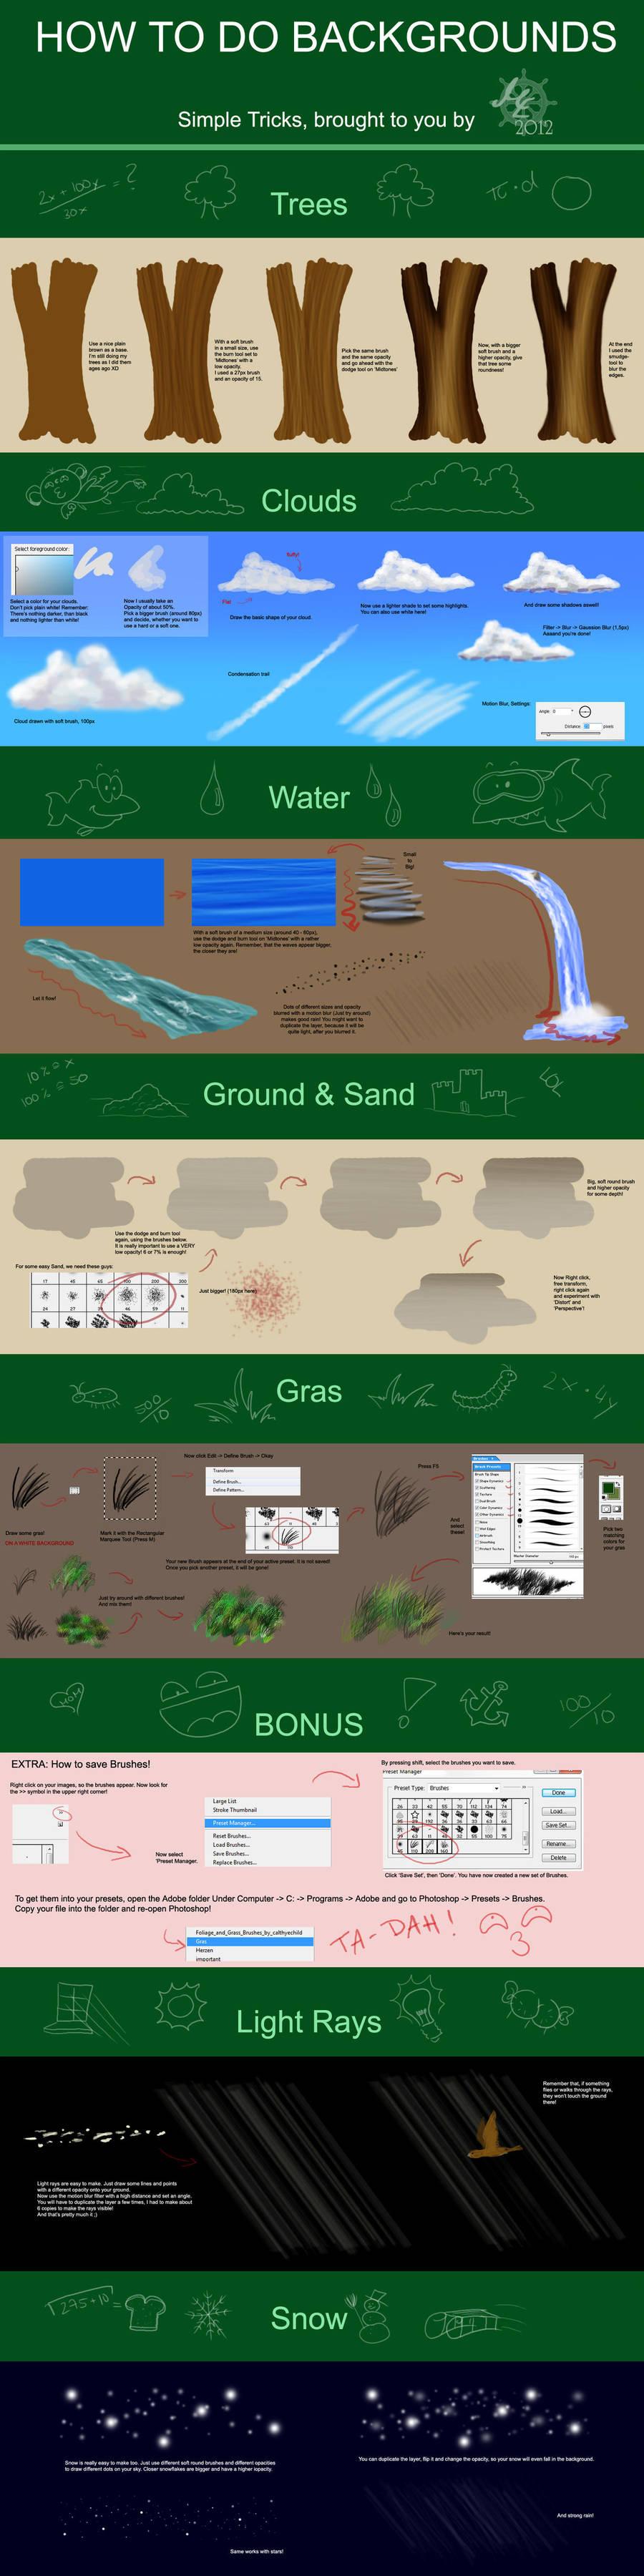 Background Tutorial by Pestdoktor